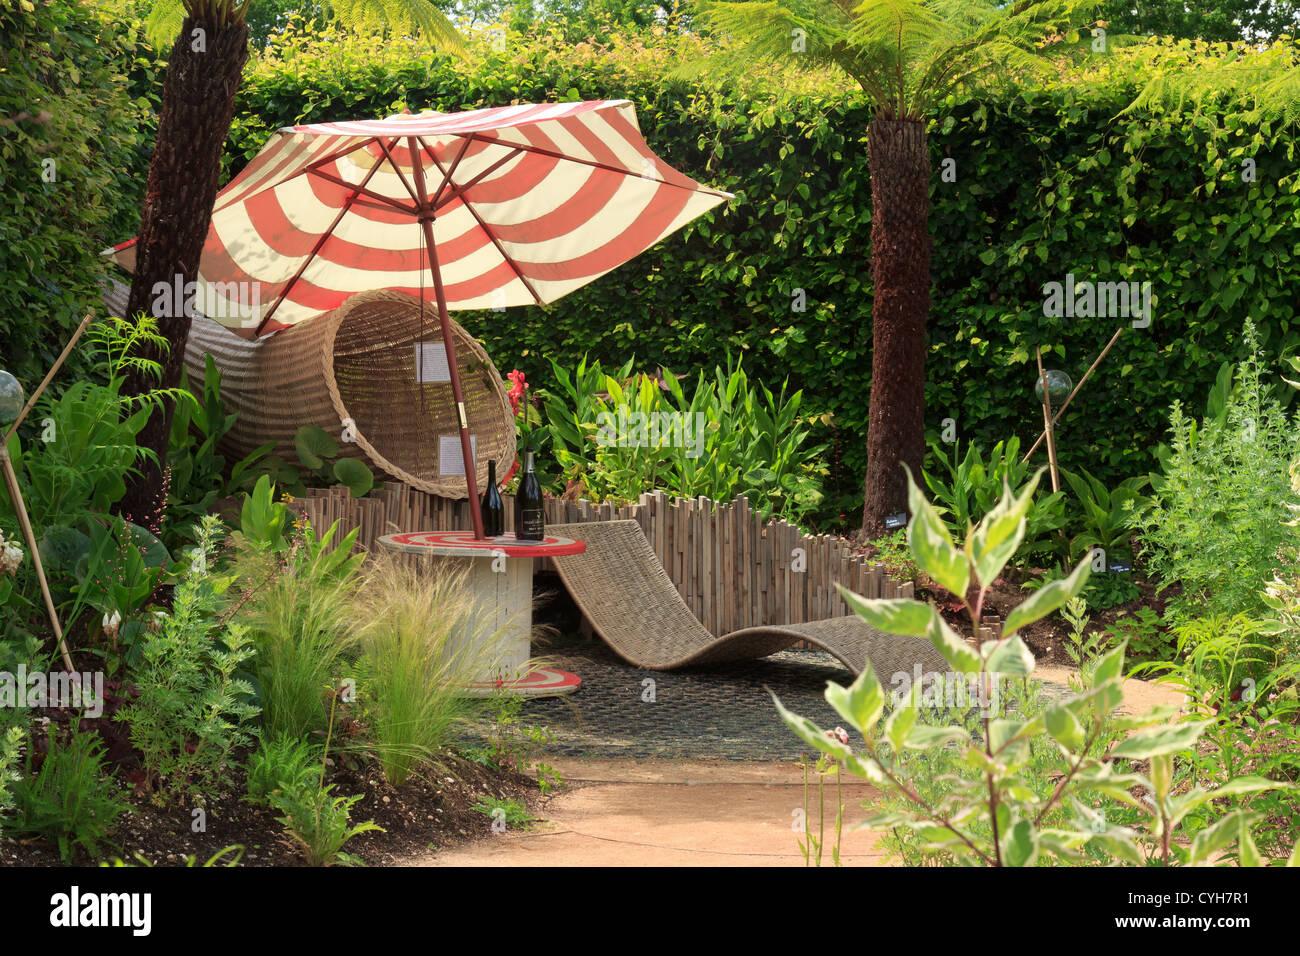 Chaumont sur loire garden festival stock photos chaumont sur loire garden festival stock - Chaumont sur loire jardins ...